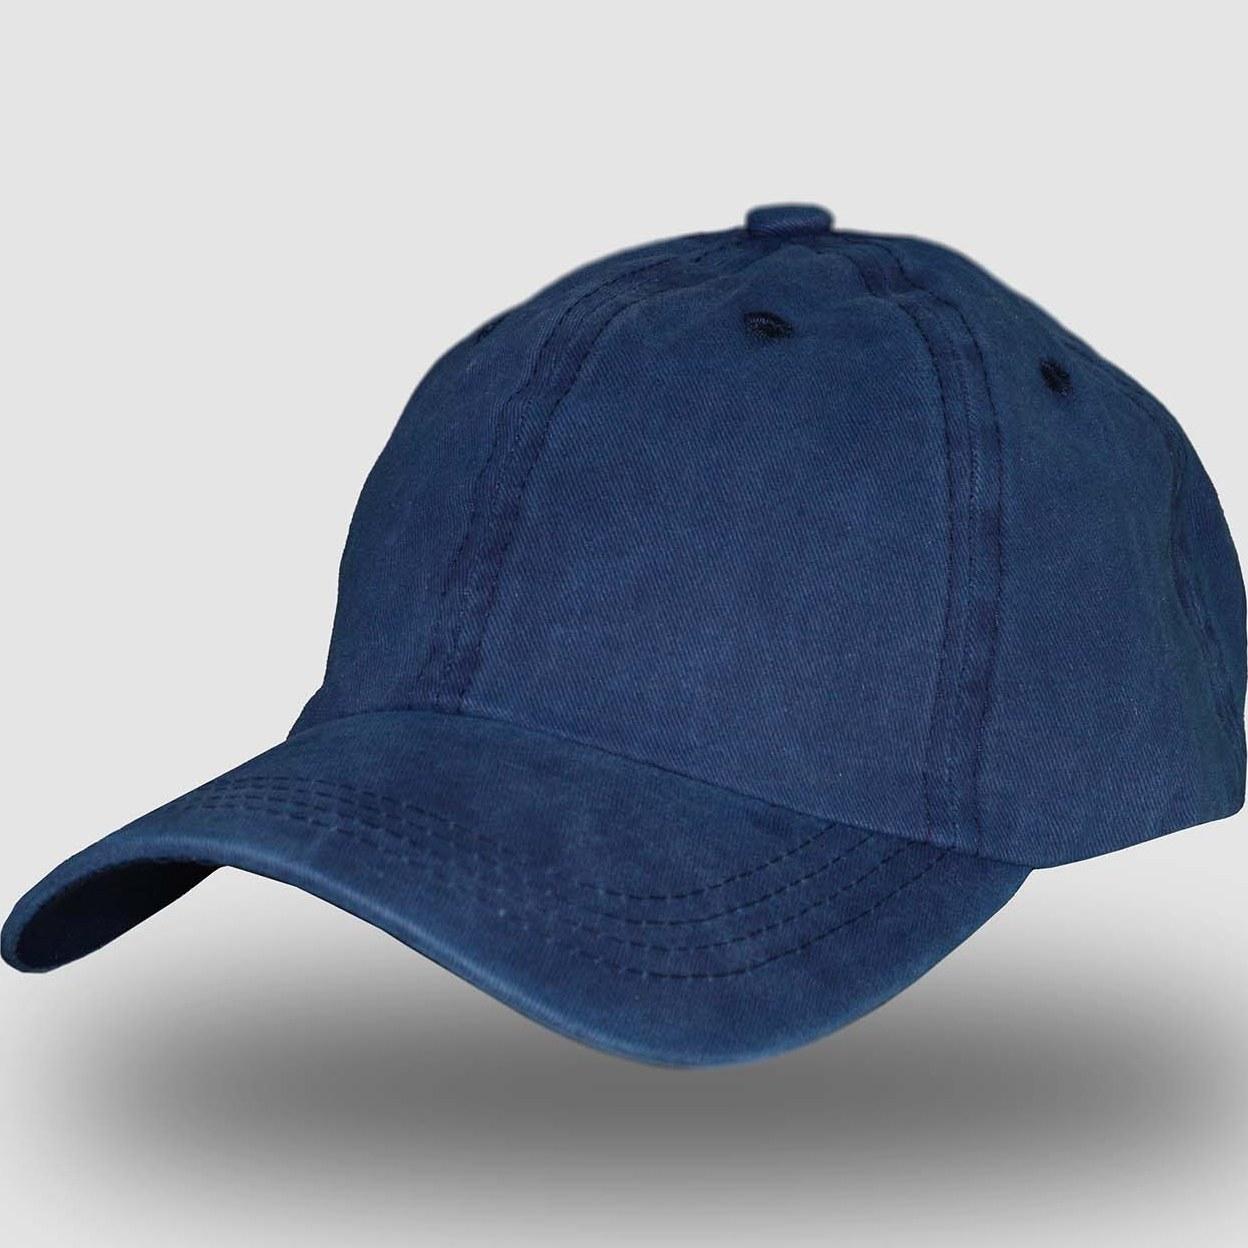 تصویر کلاه نقاب دار نخی ساده آبی چرک وینتیج